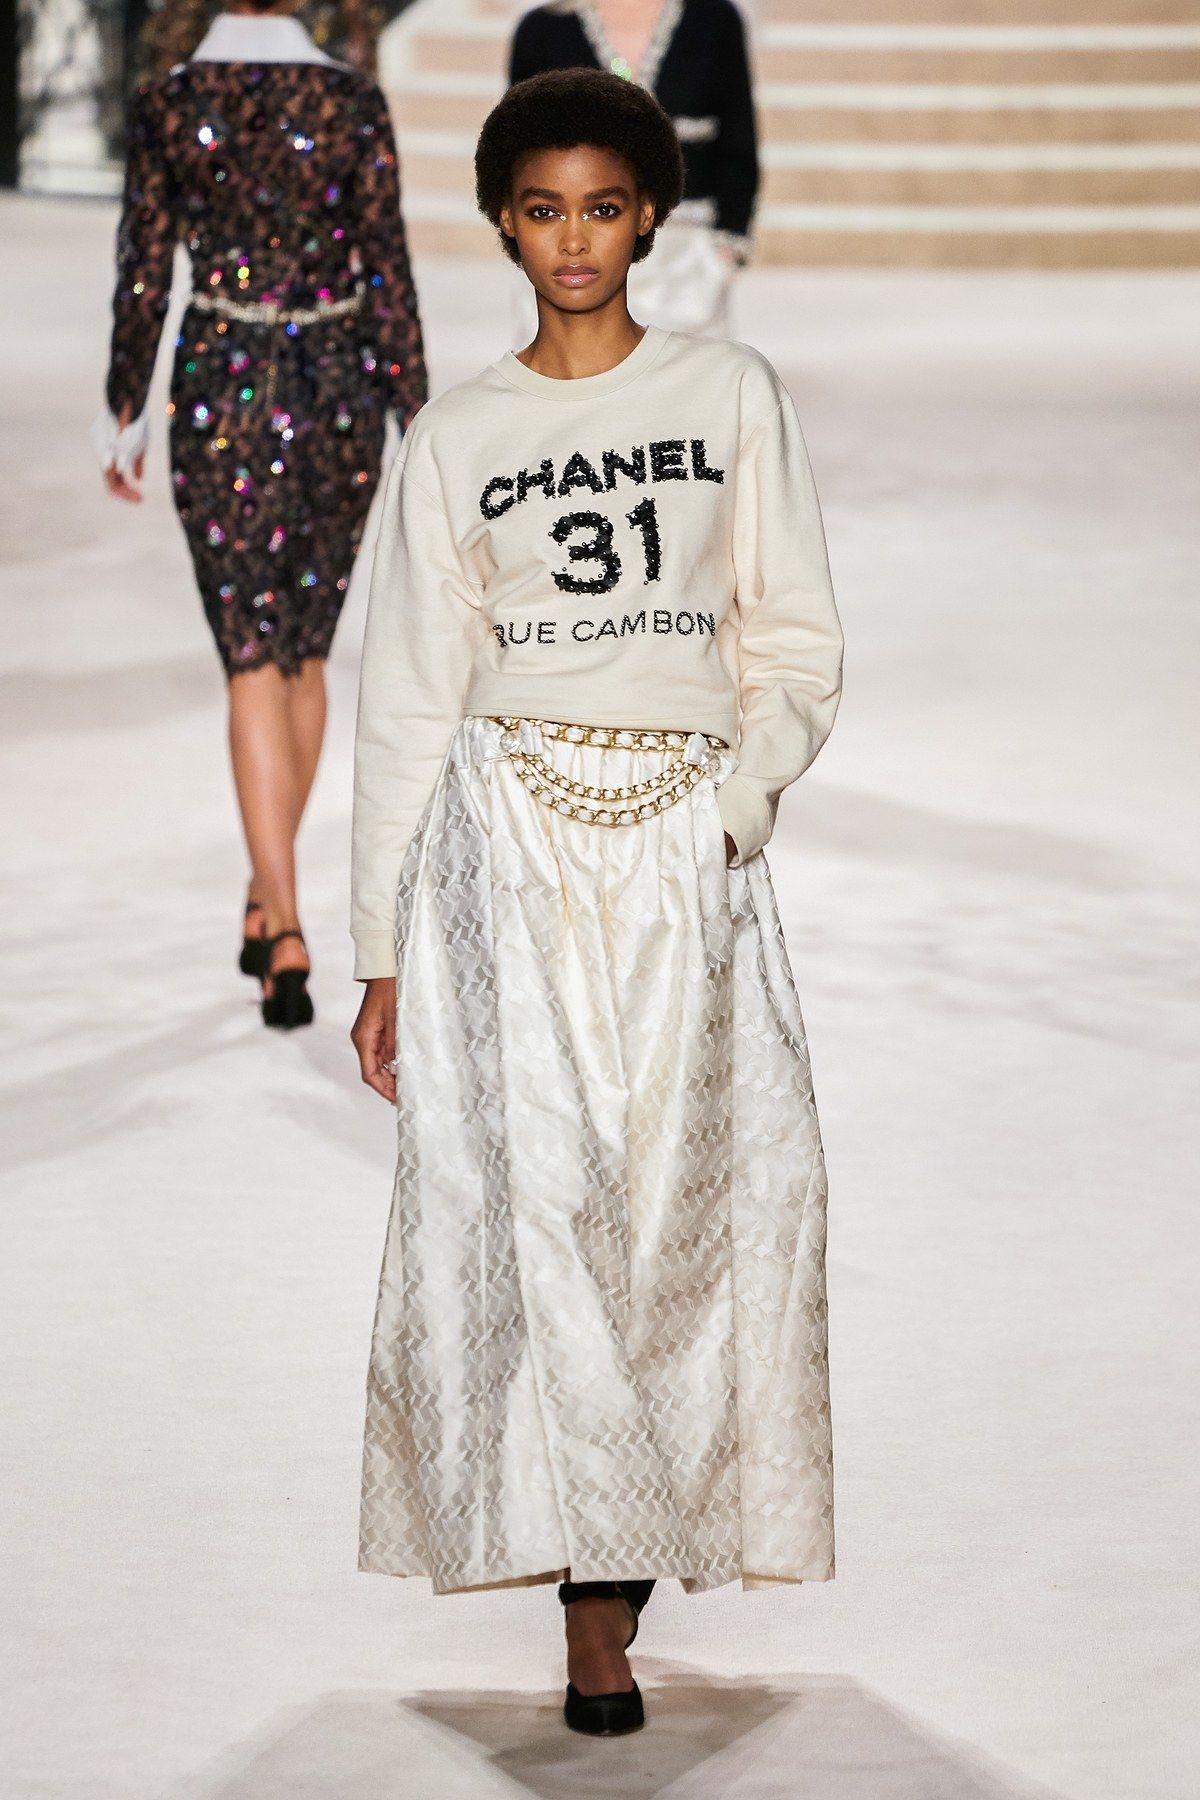 Chanel Pre Fall 20 Fashion Show   Fashion, Fashion week, 20 ...